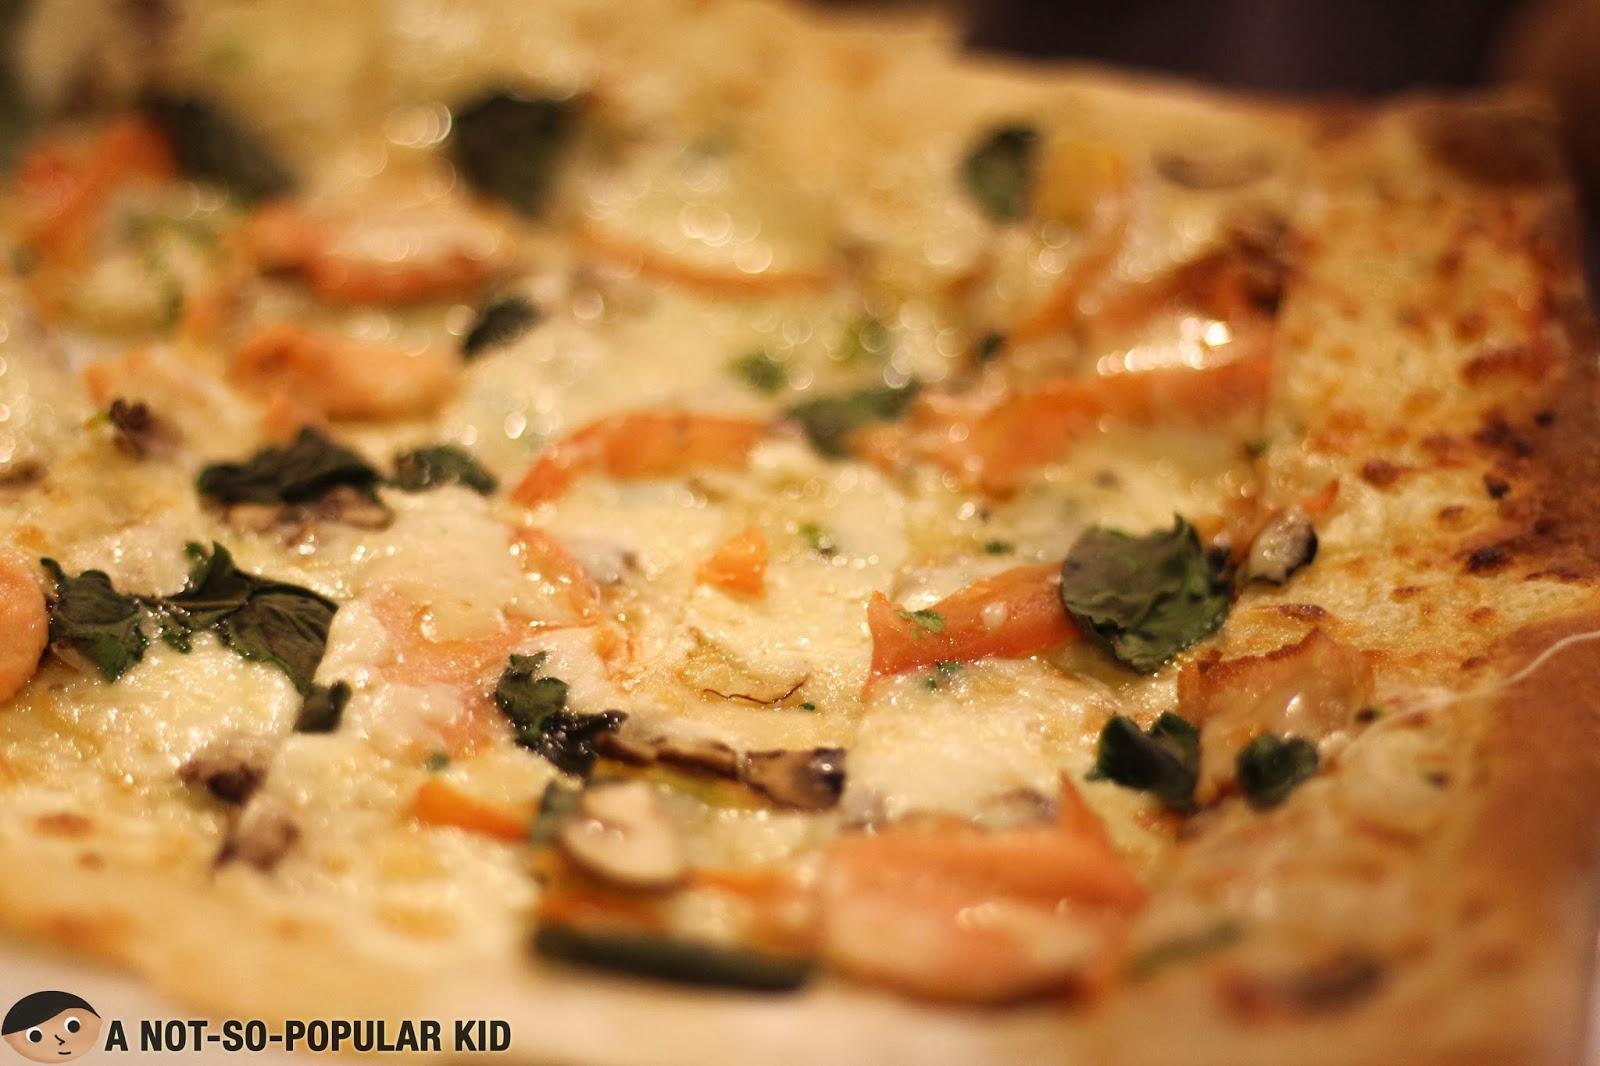 Original Antonio - Smoked salmon slices, fresh mushrooms, tomato and basil